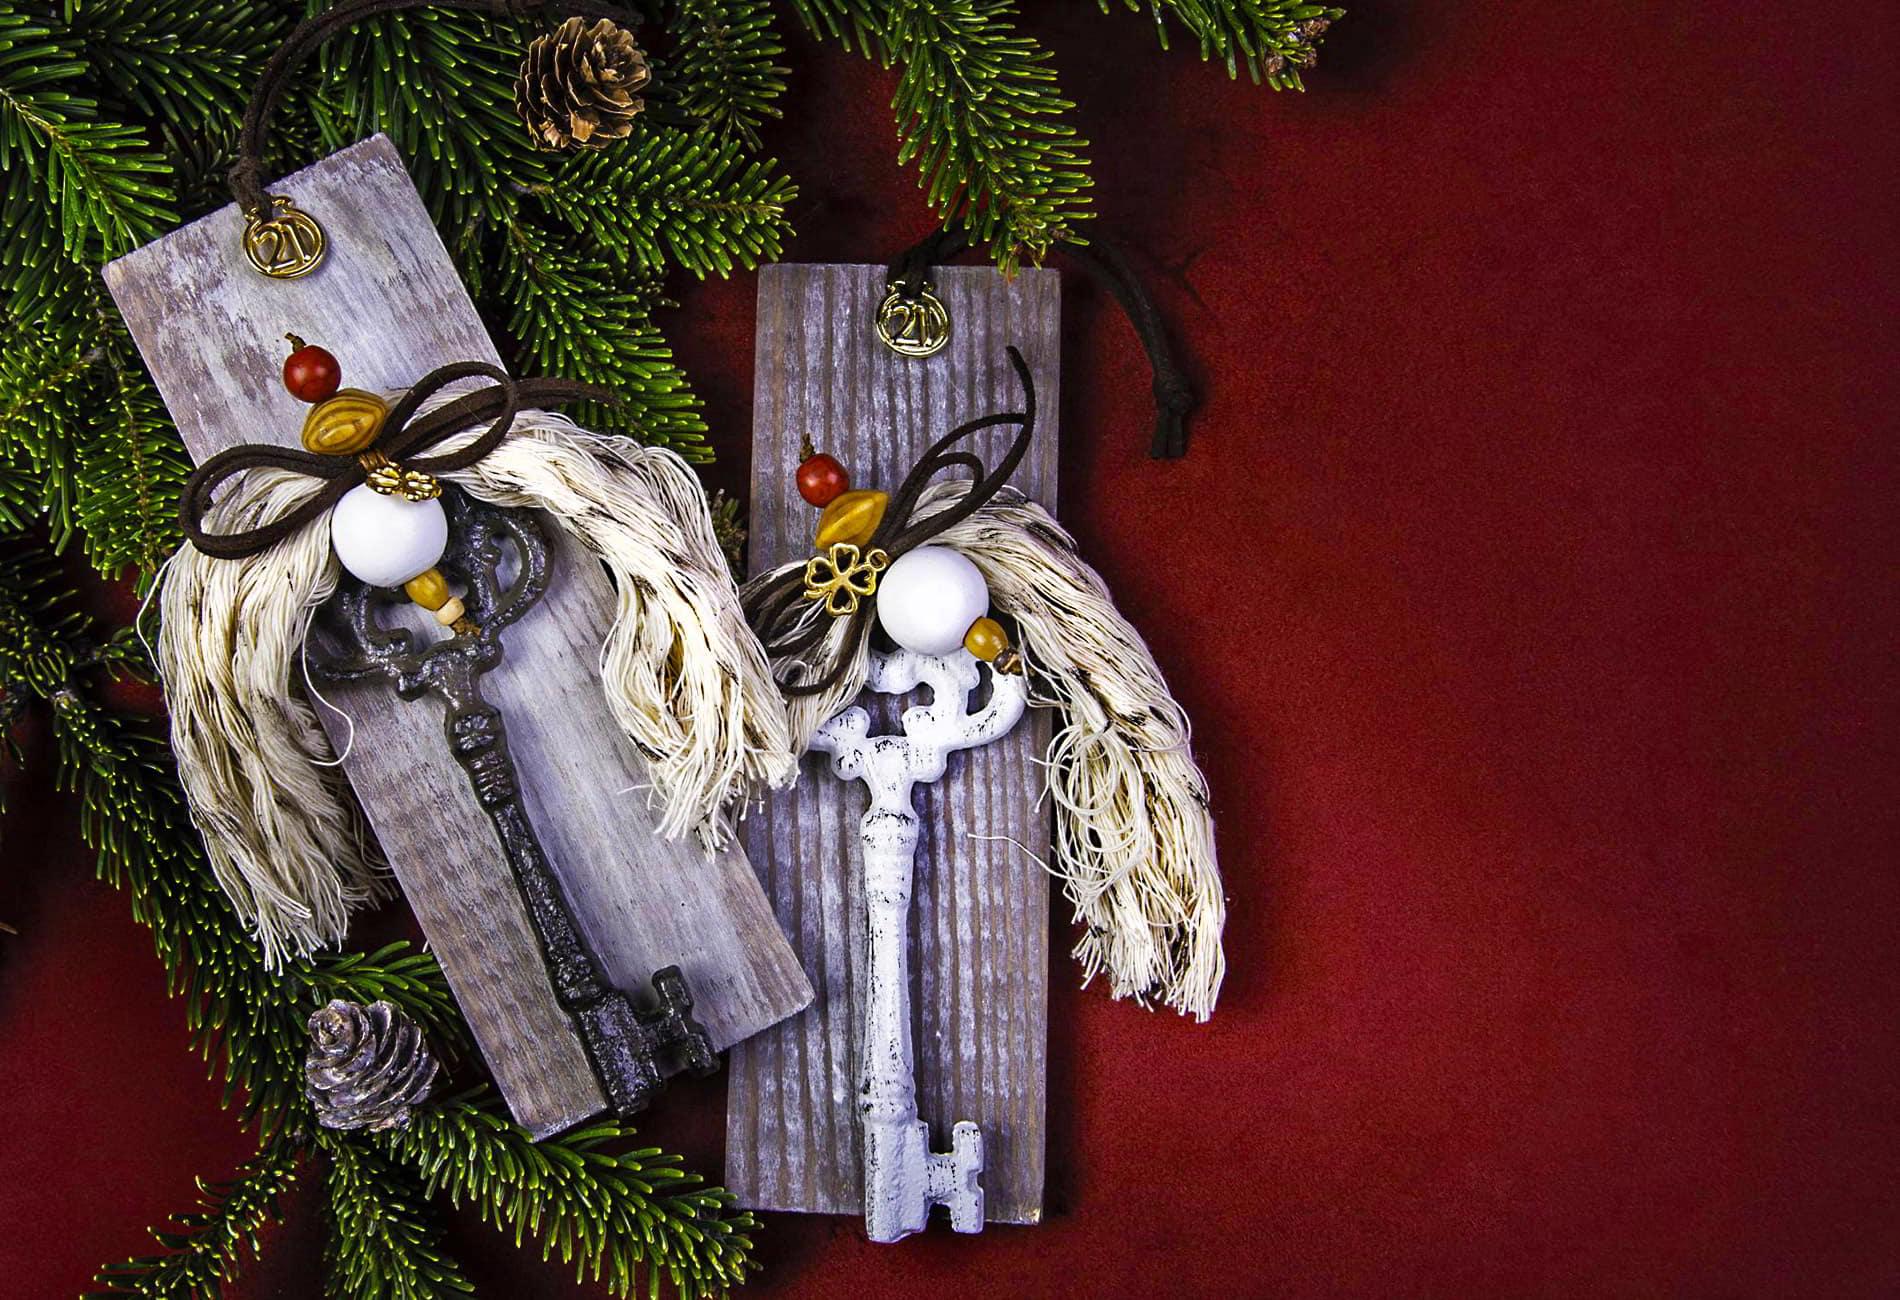 Βοηθήστε τη Λάμψη αγοράζοντας χριστουγεννιάτικα είδη